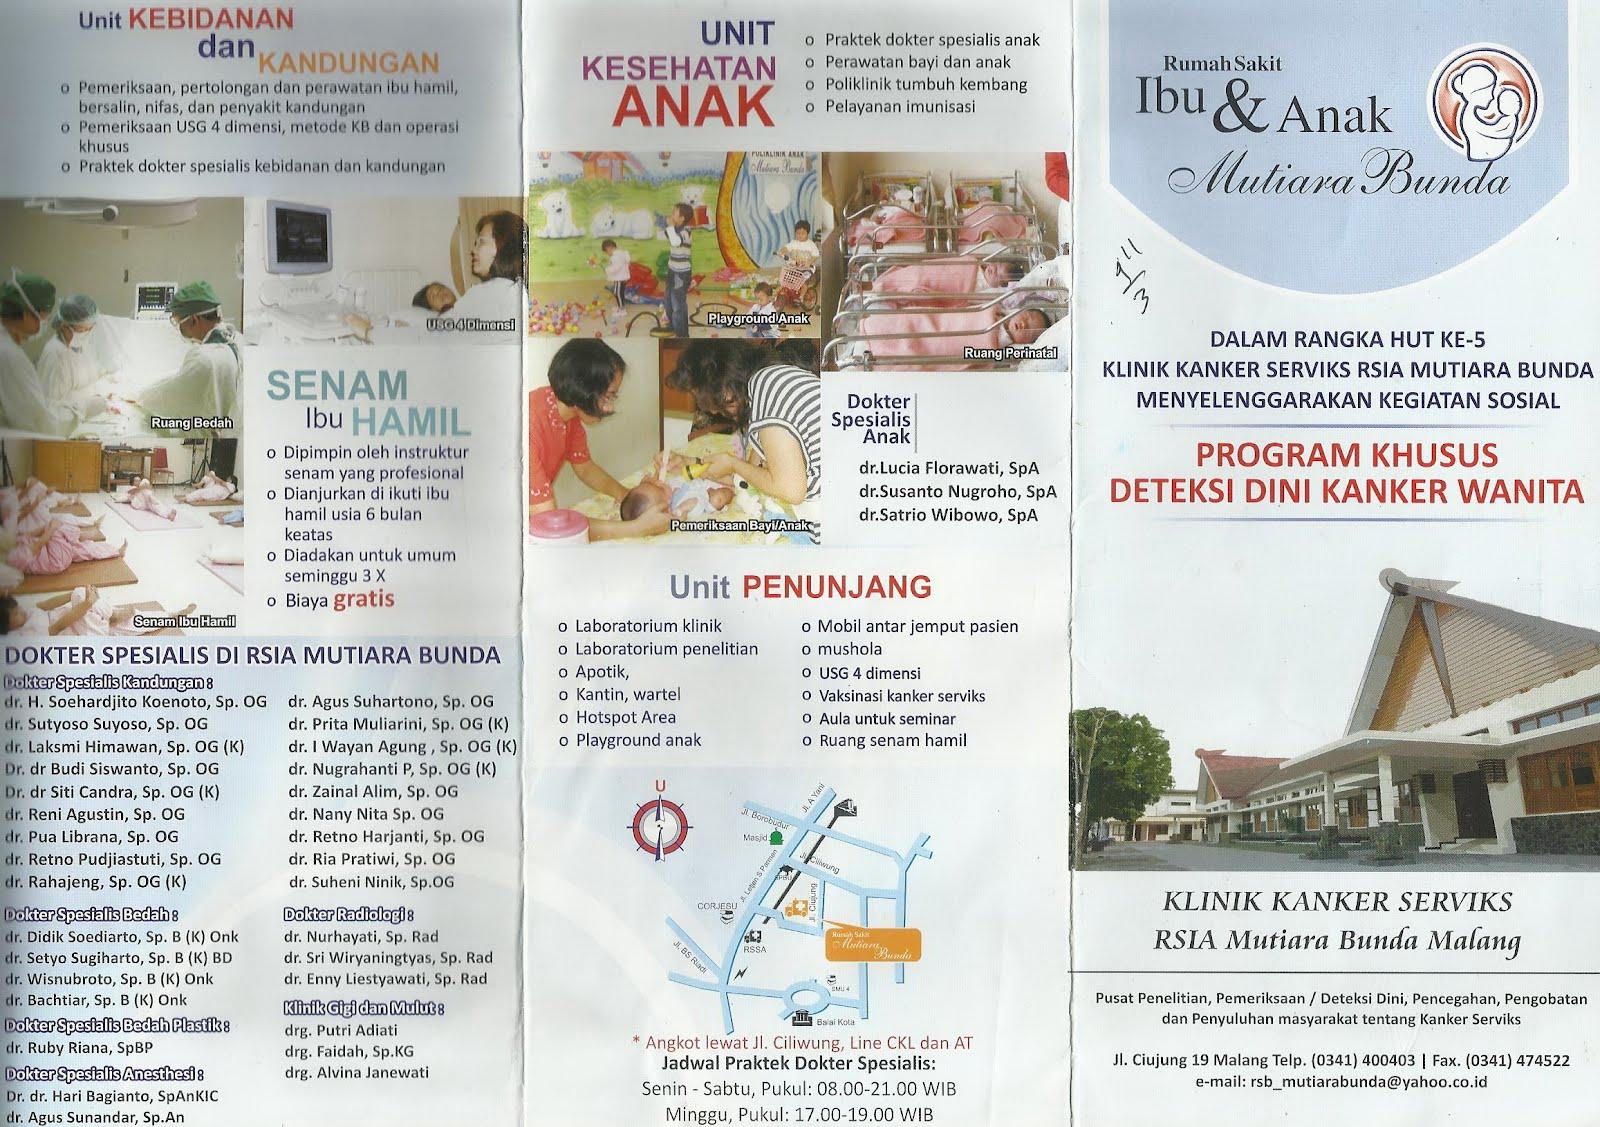 brosur rumah sakit